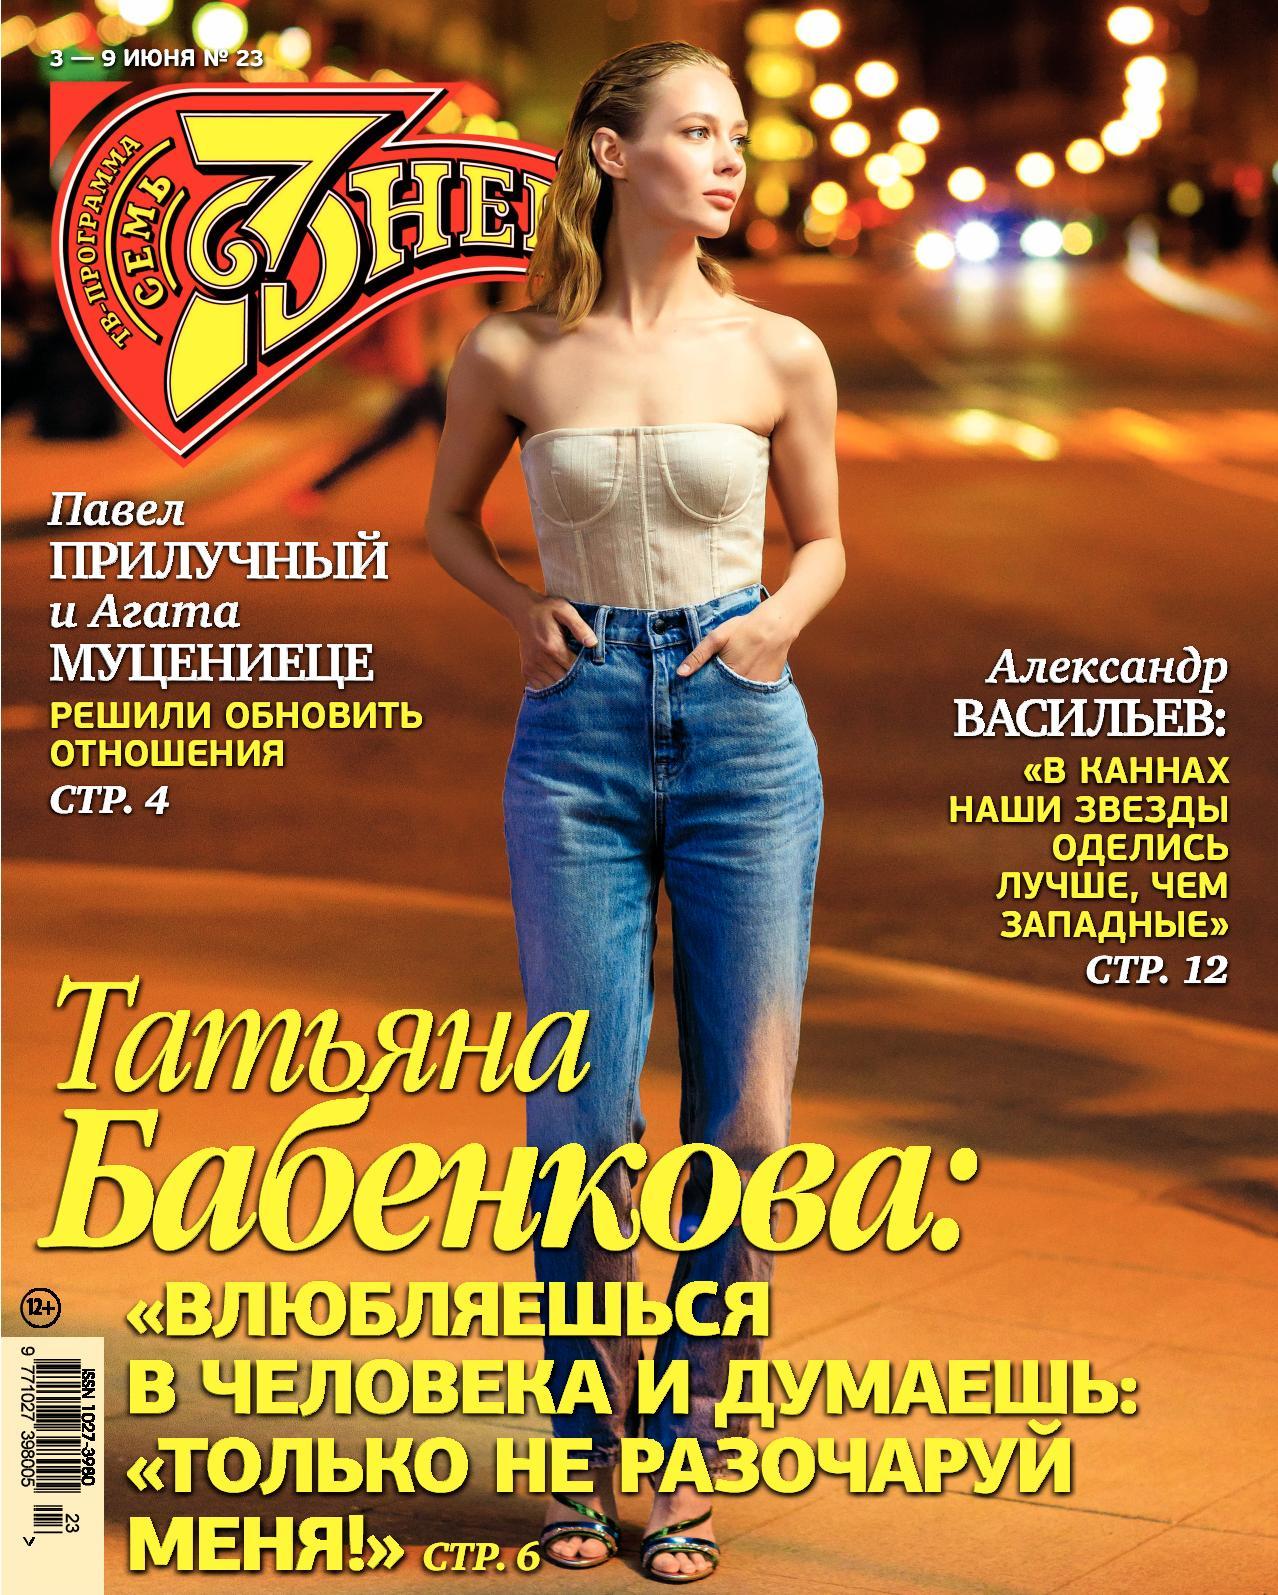 Тиффани Тиссен Хочет Секса – Голливудский Финал (2002)